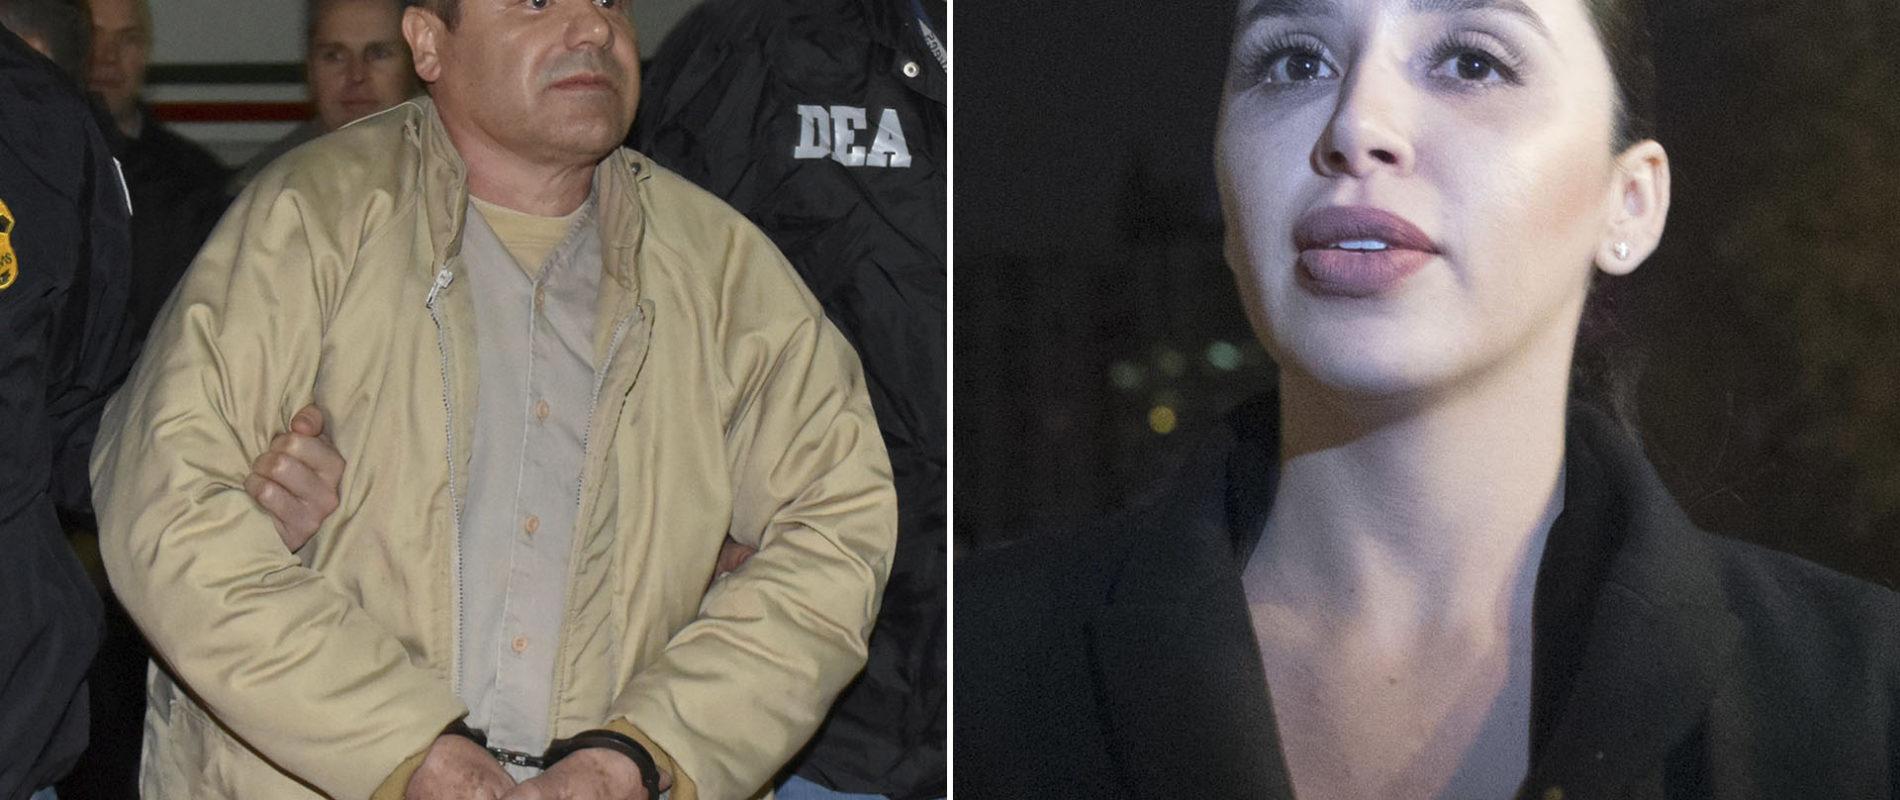 Emma Coronel recibiría cadena perpetua; se declaró culpable de tráfico de drogas y lavado de dinero